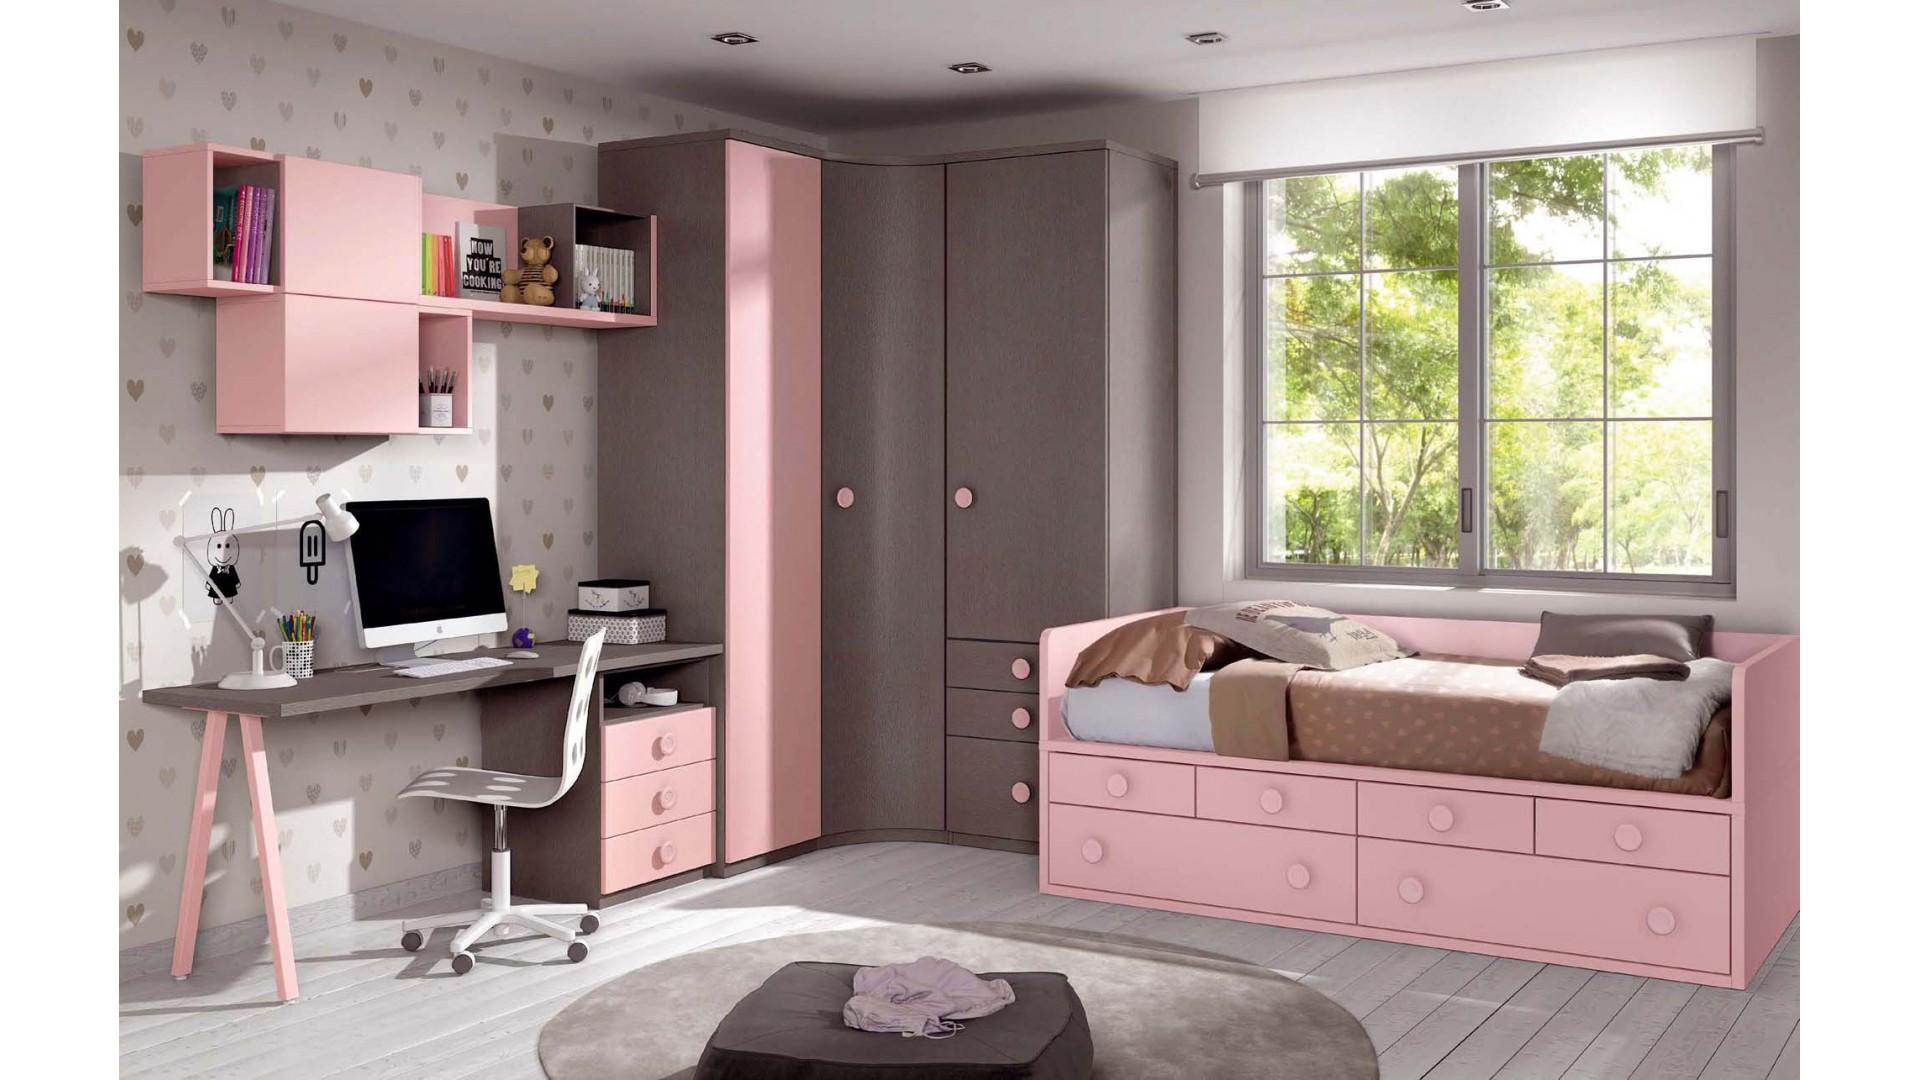 Chambre fillette PERSONNALISABLE F031 - GLICERIO